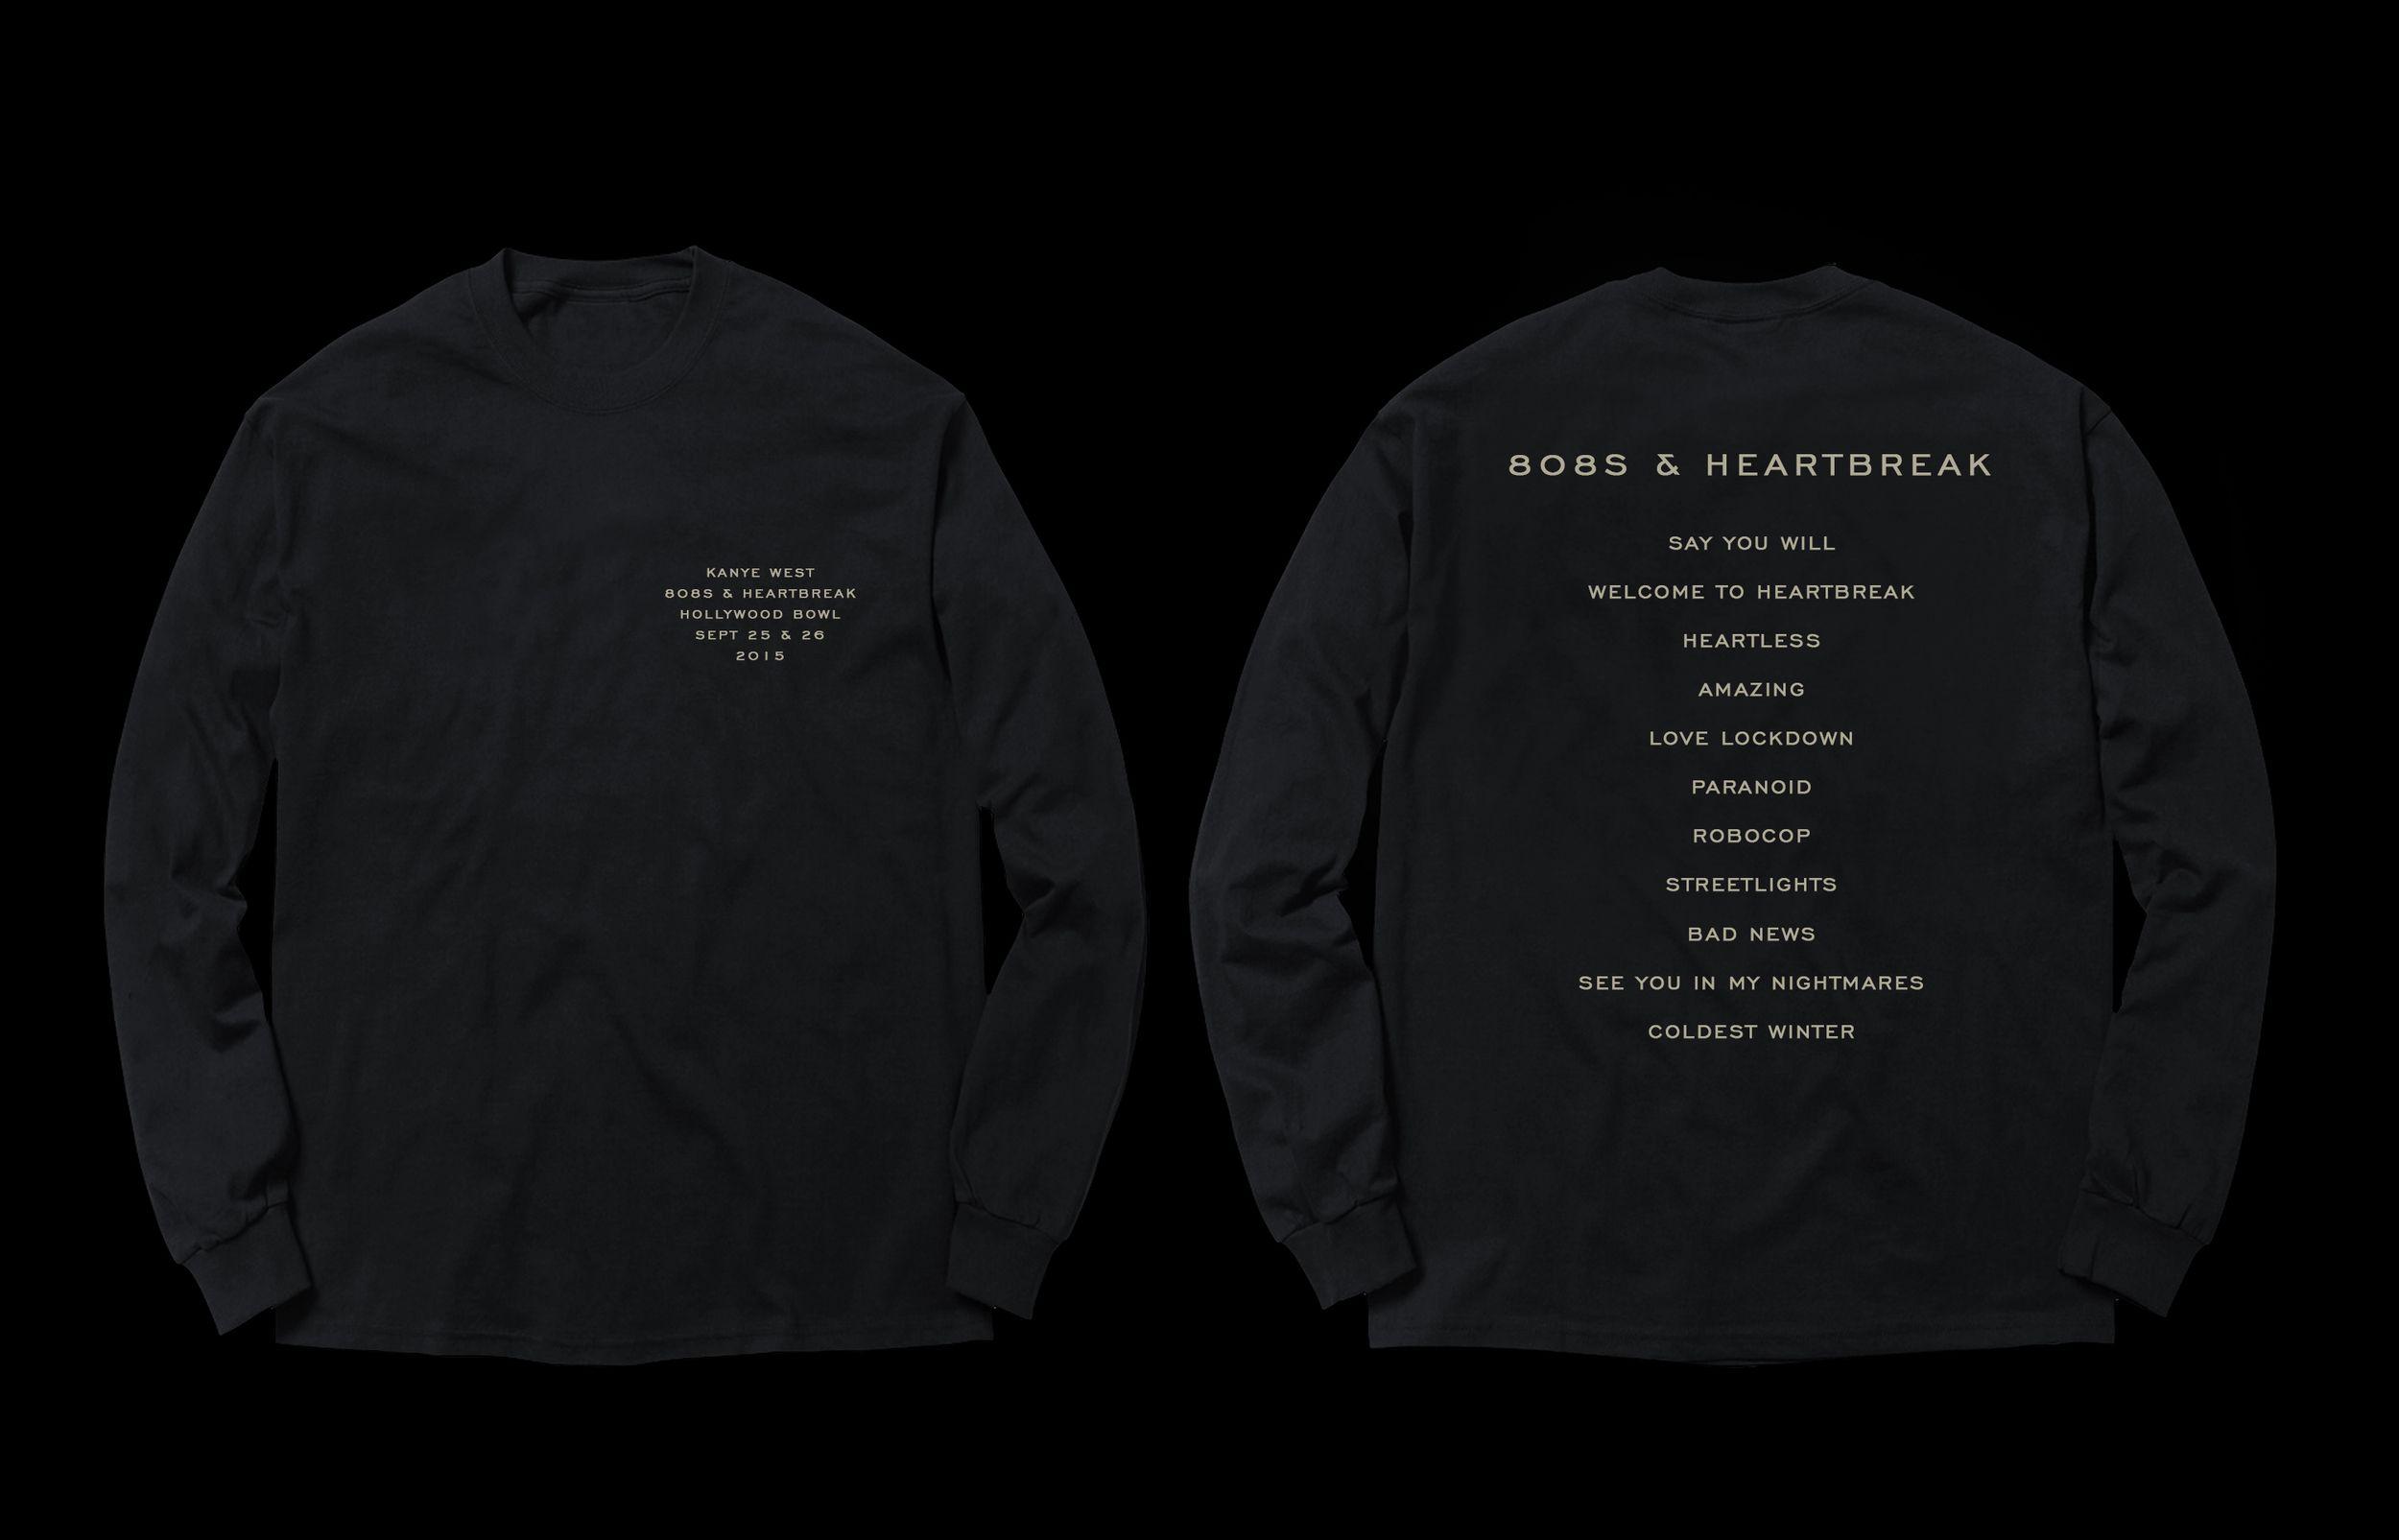 808s Amp Hearbreak Hollywood Bowl Merch Donda Chief Creative Director Kanye West Donda Creative Direc 808s Heartbreak Heartbreak Sweater Hoodie